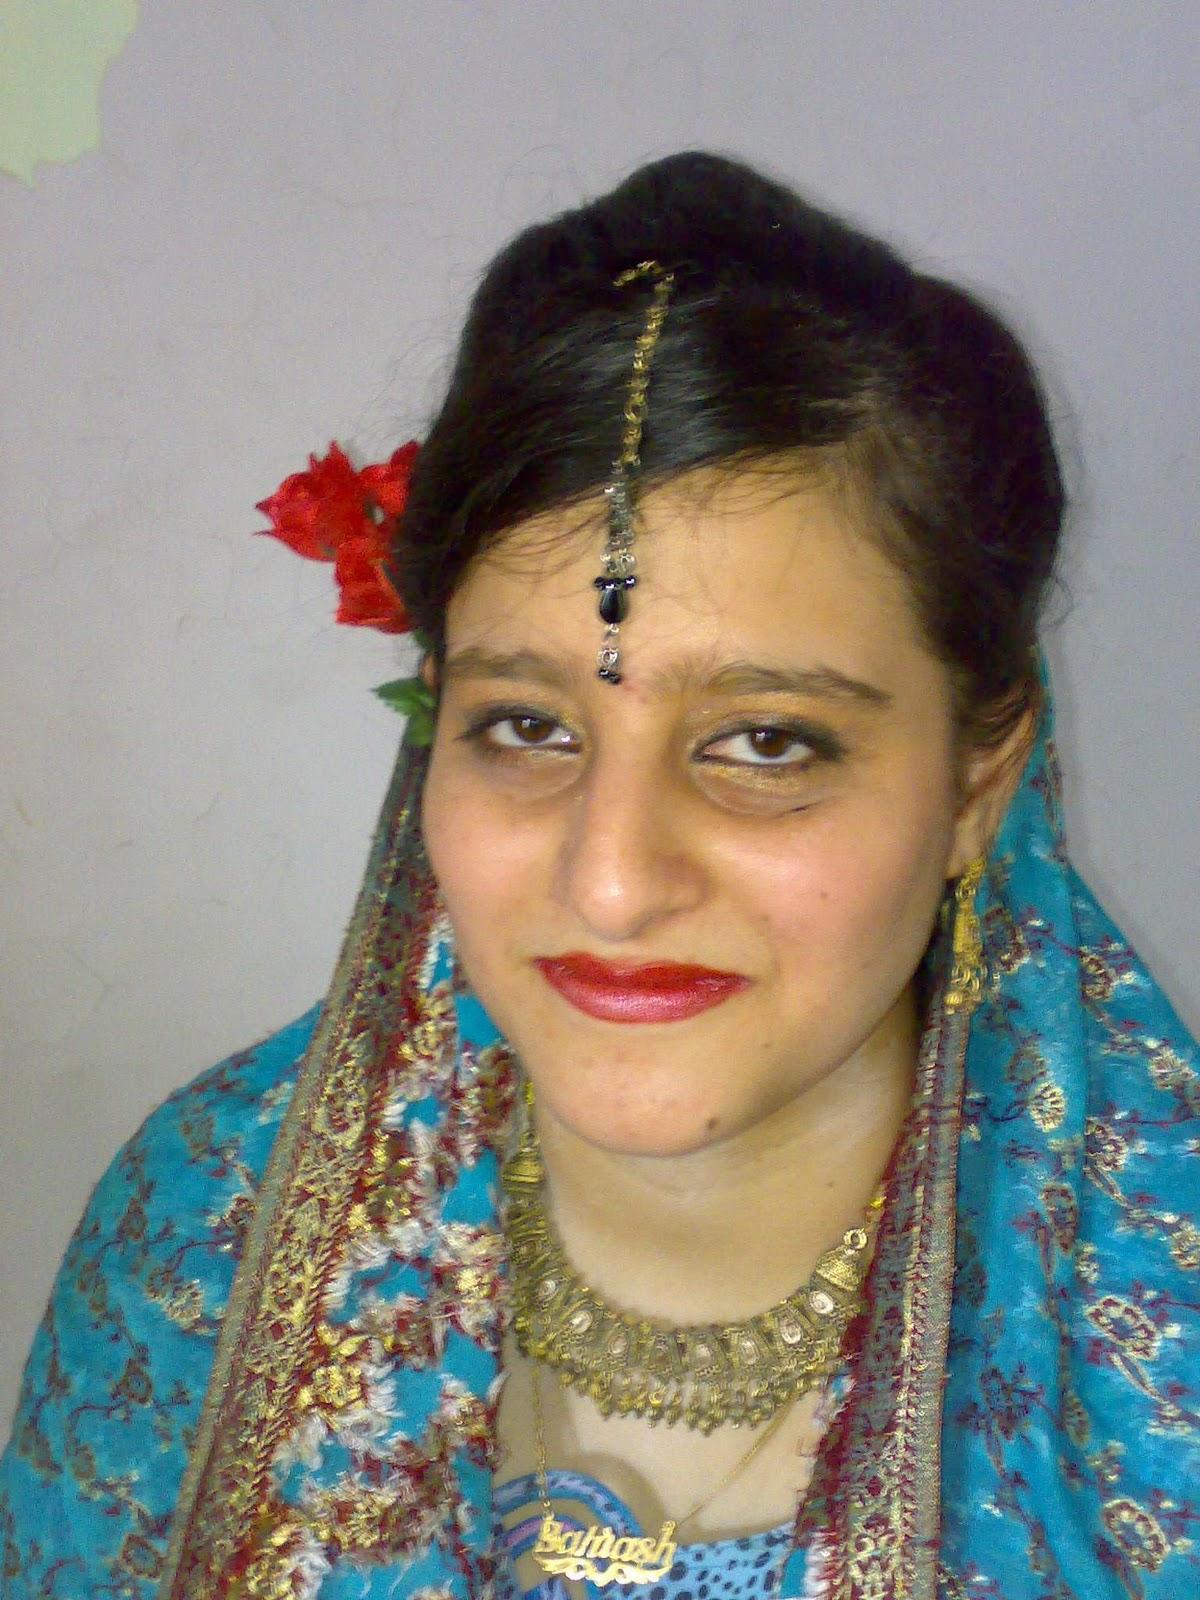 Peshawar girls